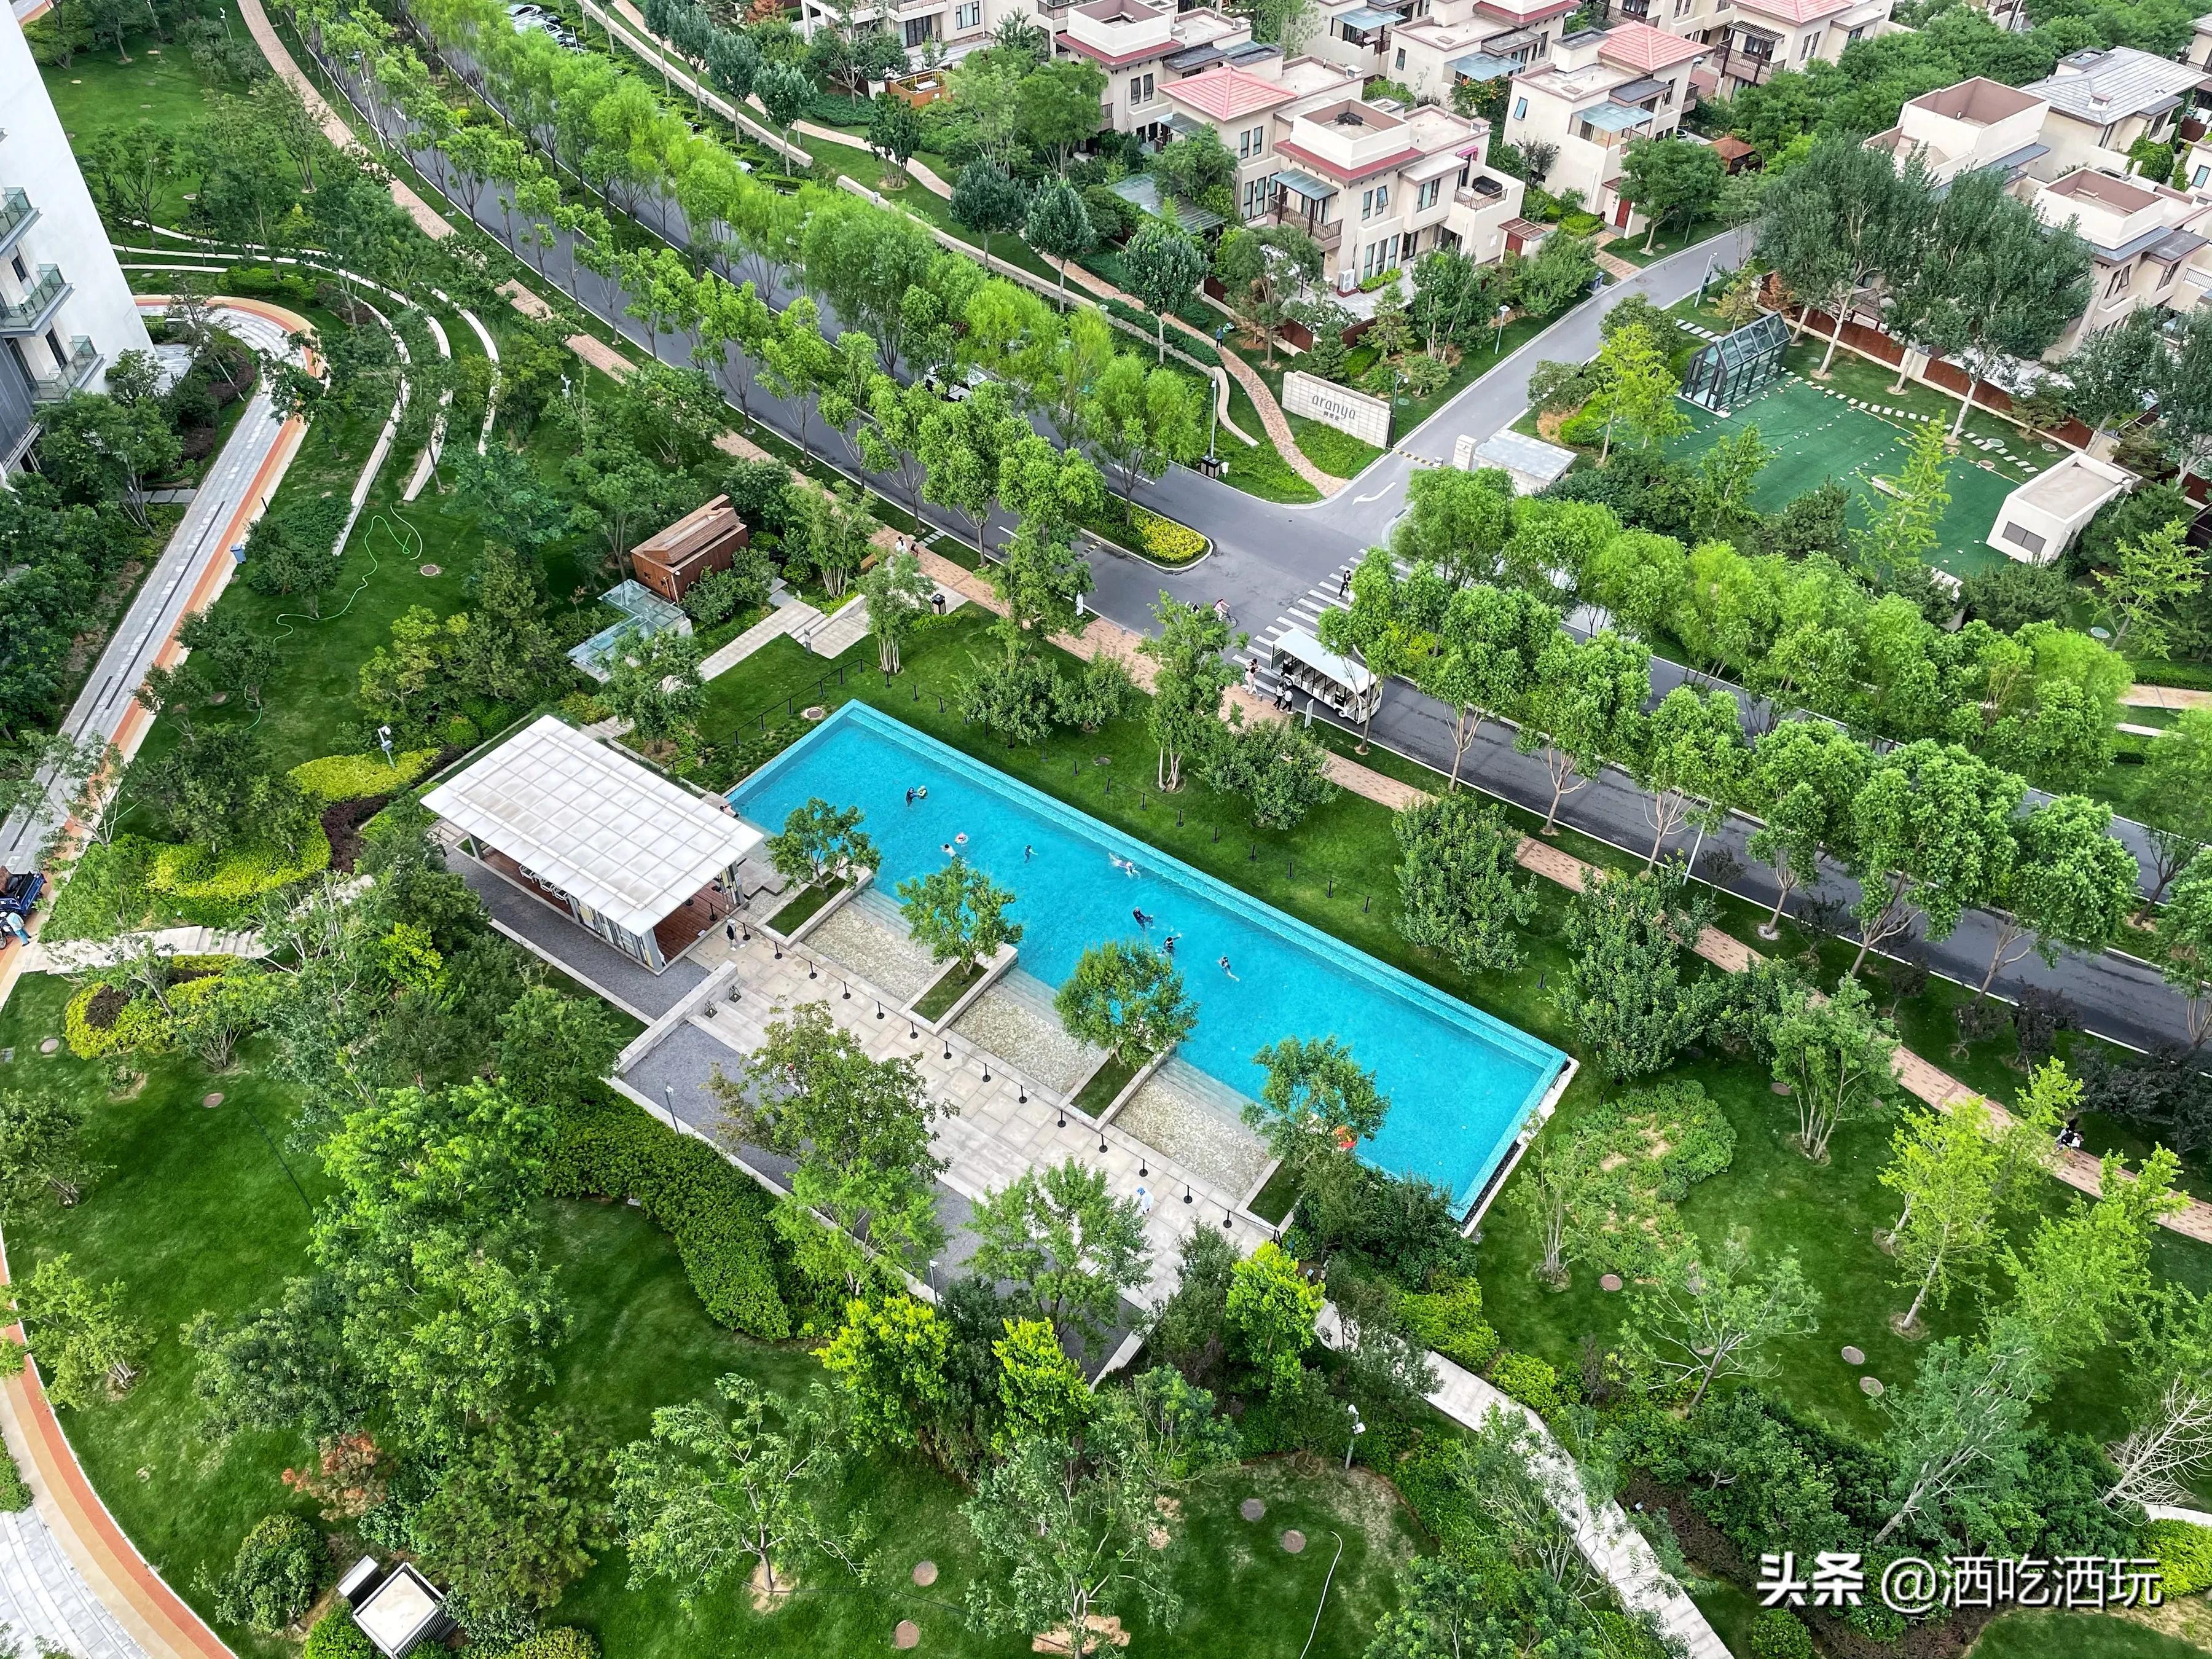 北京出发动车2小时,暑假最值得打卡的地方,人类幼崽嗨飞了